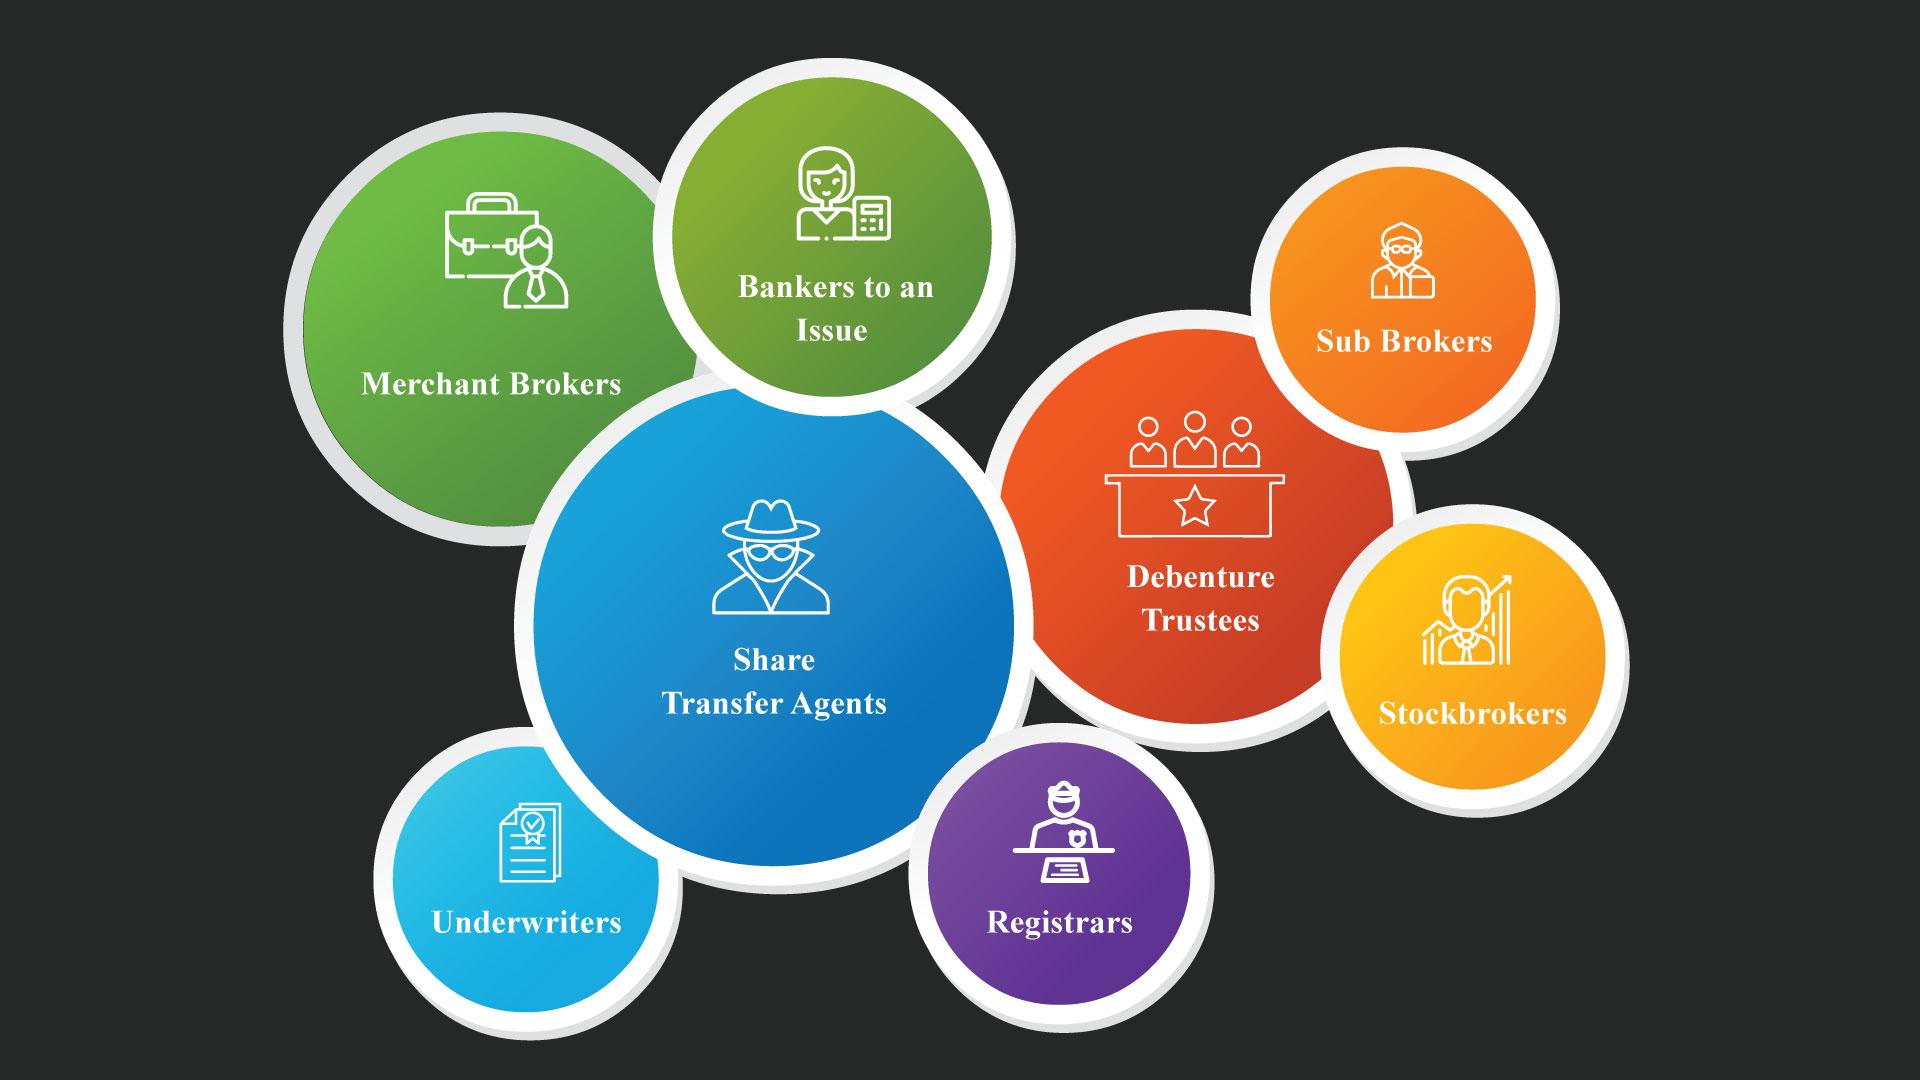 Digital-Onboarding-Benefits